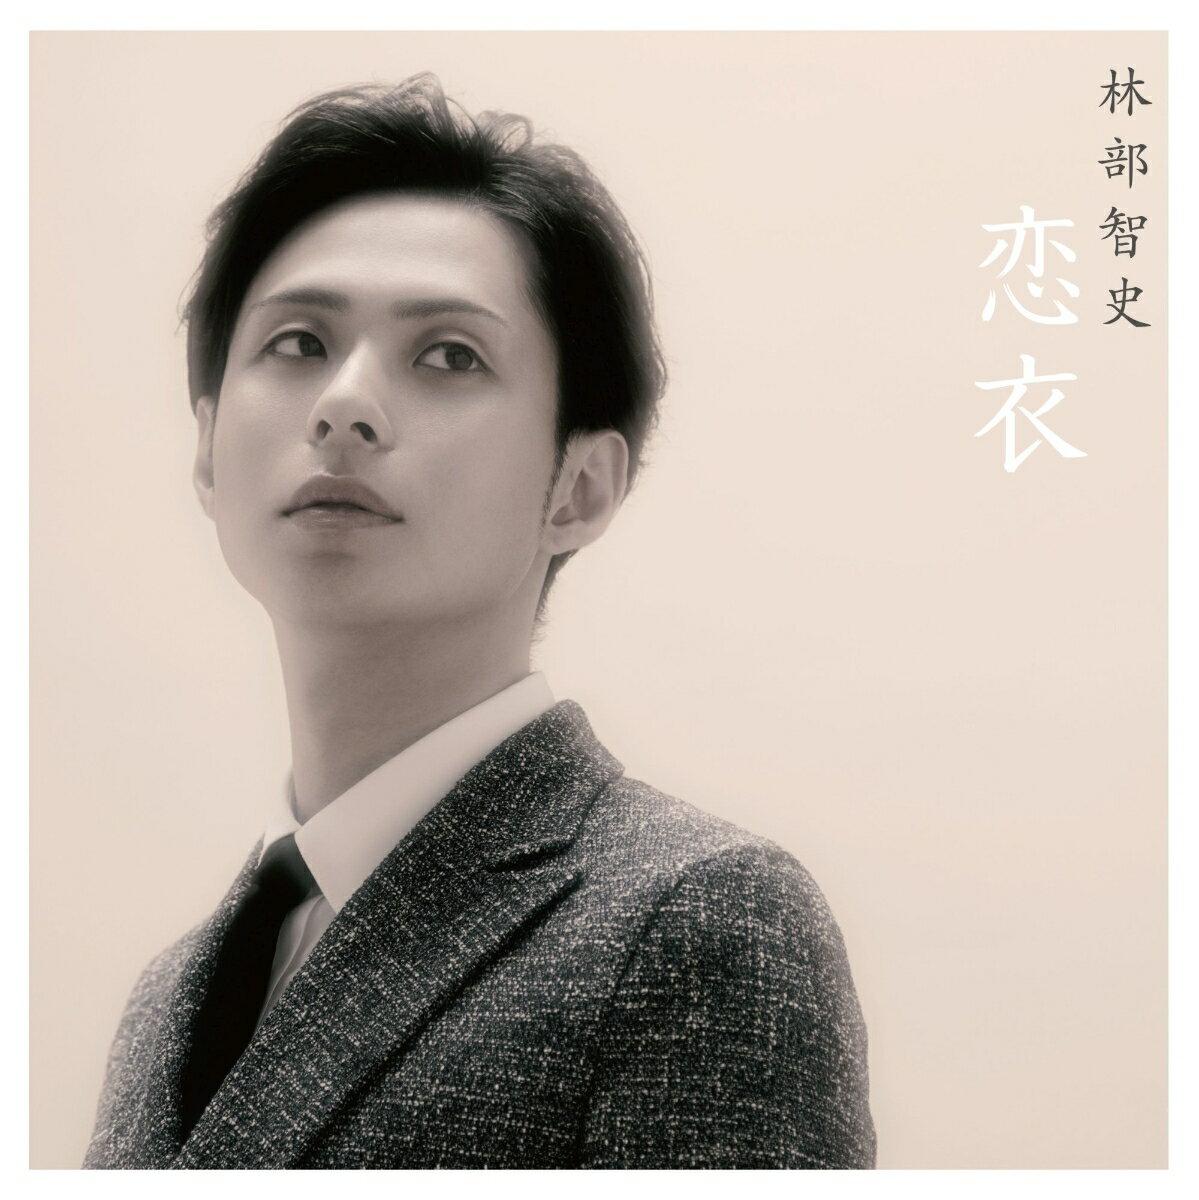 【先着特典】恋衣 (印刷サイン入りポストカード付き) [ 林部智史 ]